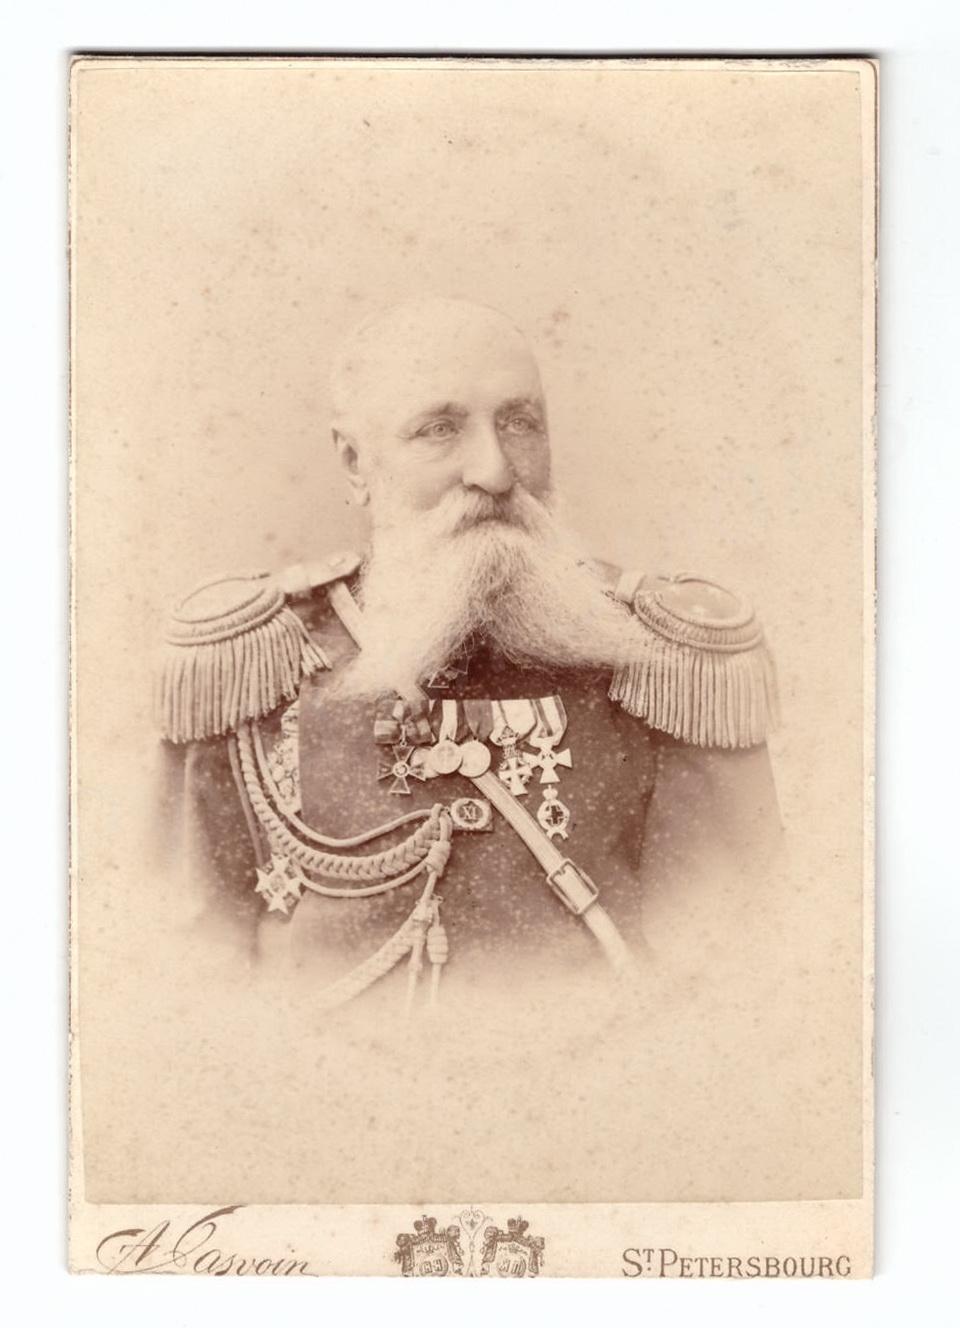 Генерал от кавалерии Александр Александрович фон Бильдерлинг